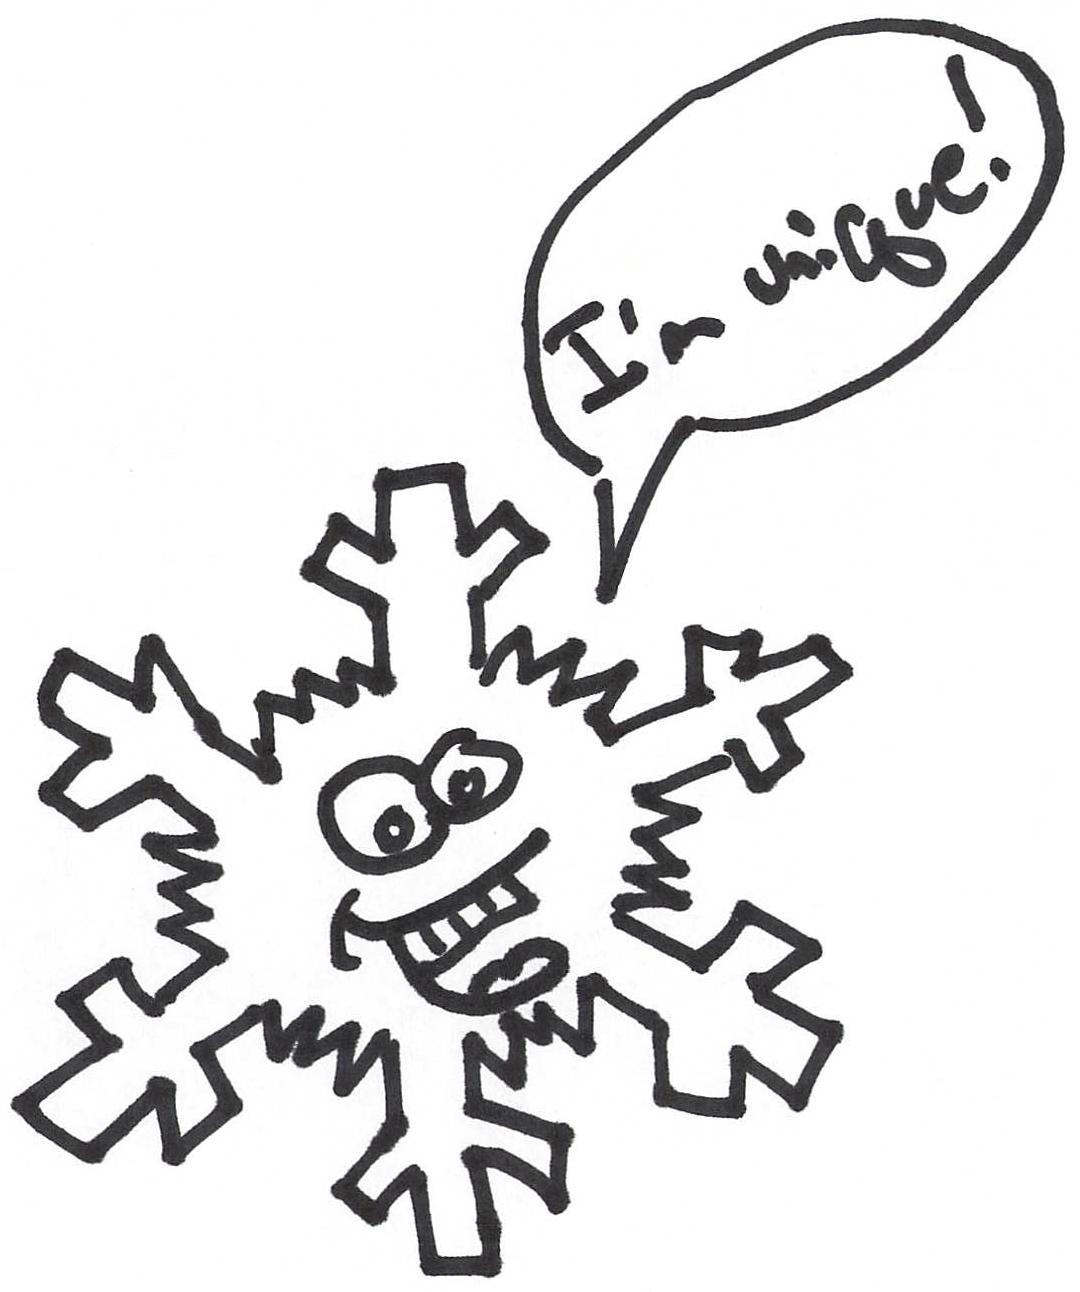 A unique snowflake